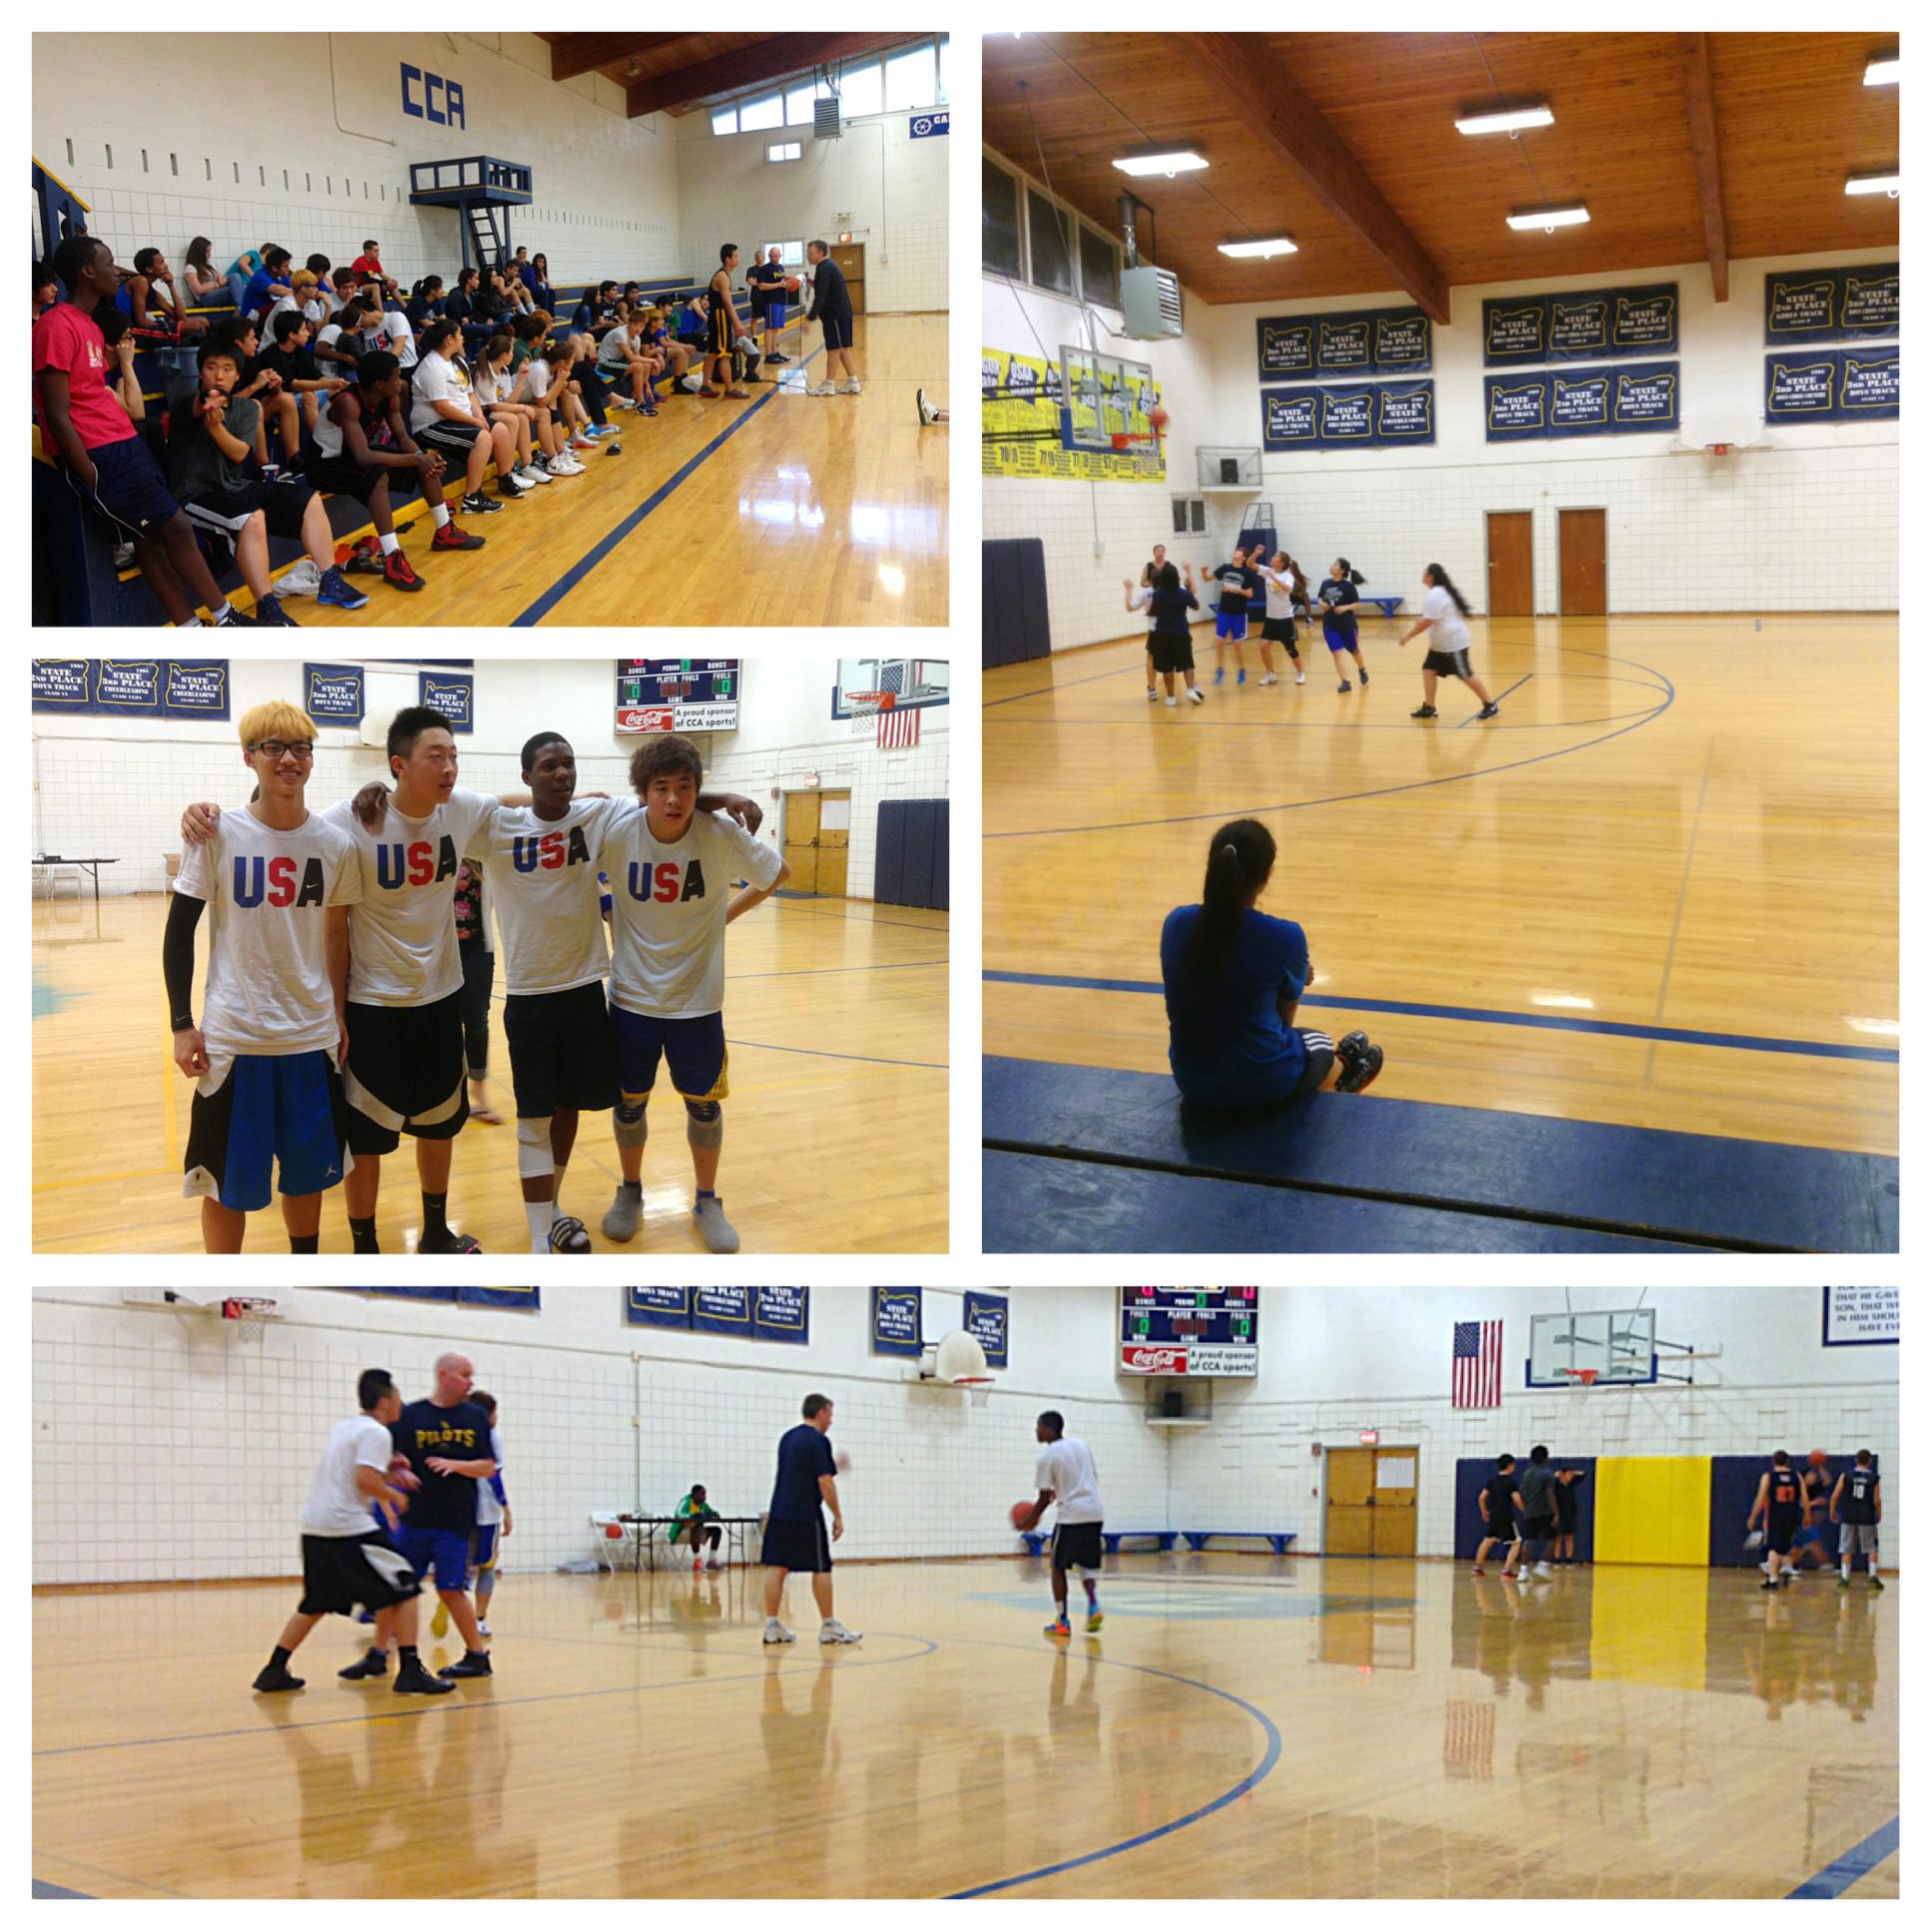 private school, basketball tournament, dorm life, boarding school, weekend activities